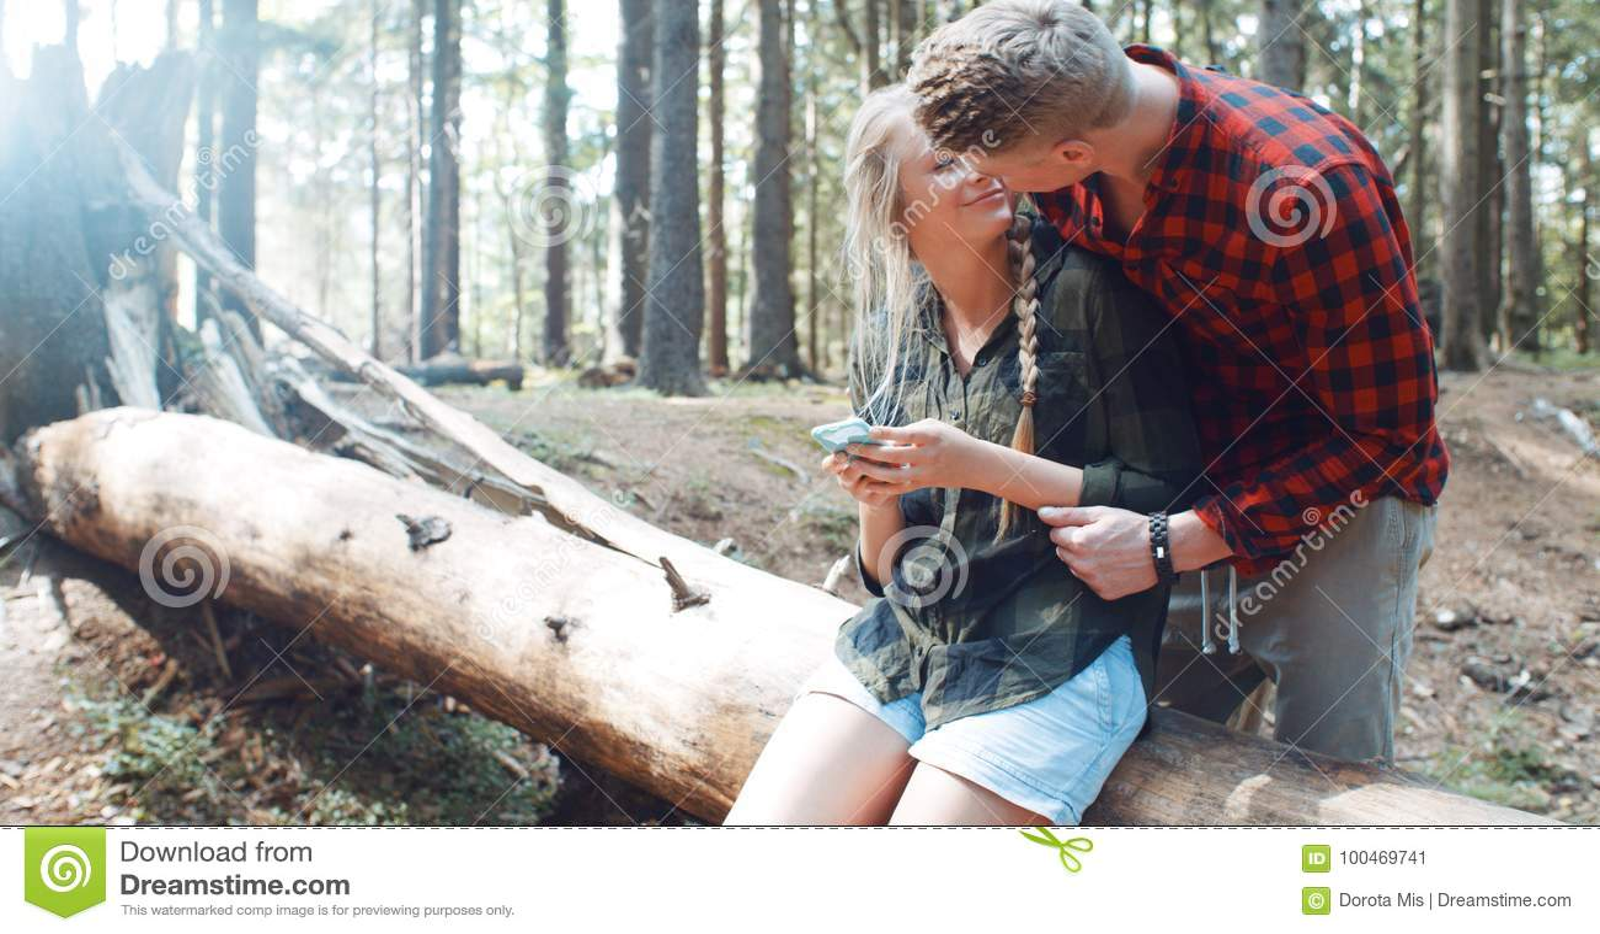 дама на отдыхе в лесу с молодым человеком отец, уже